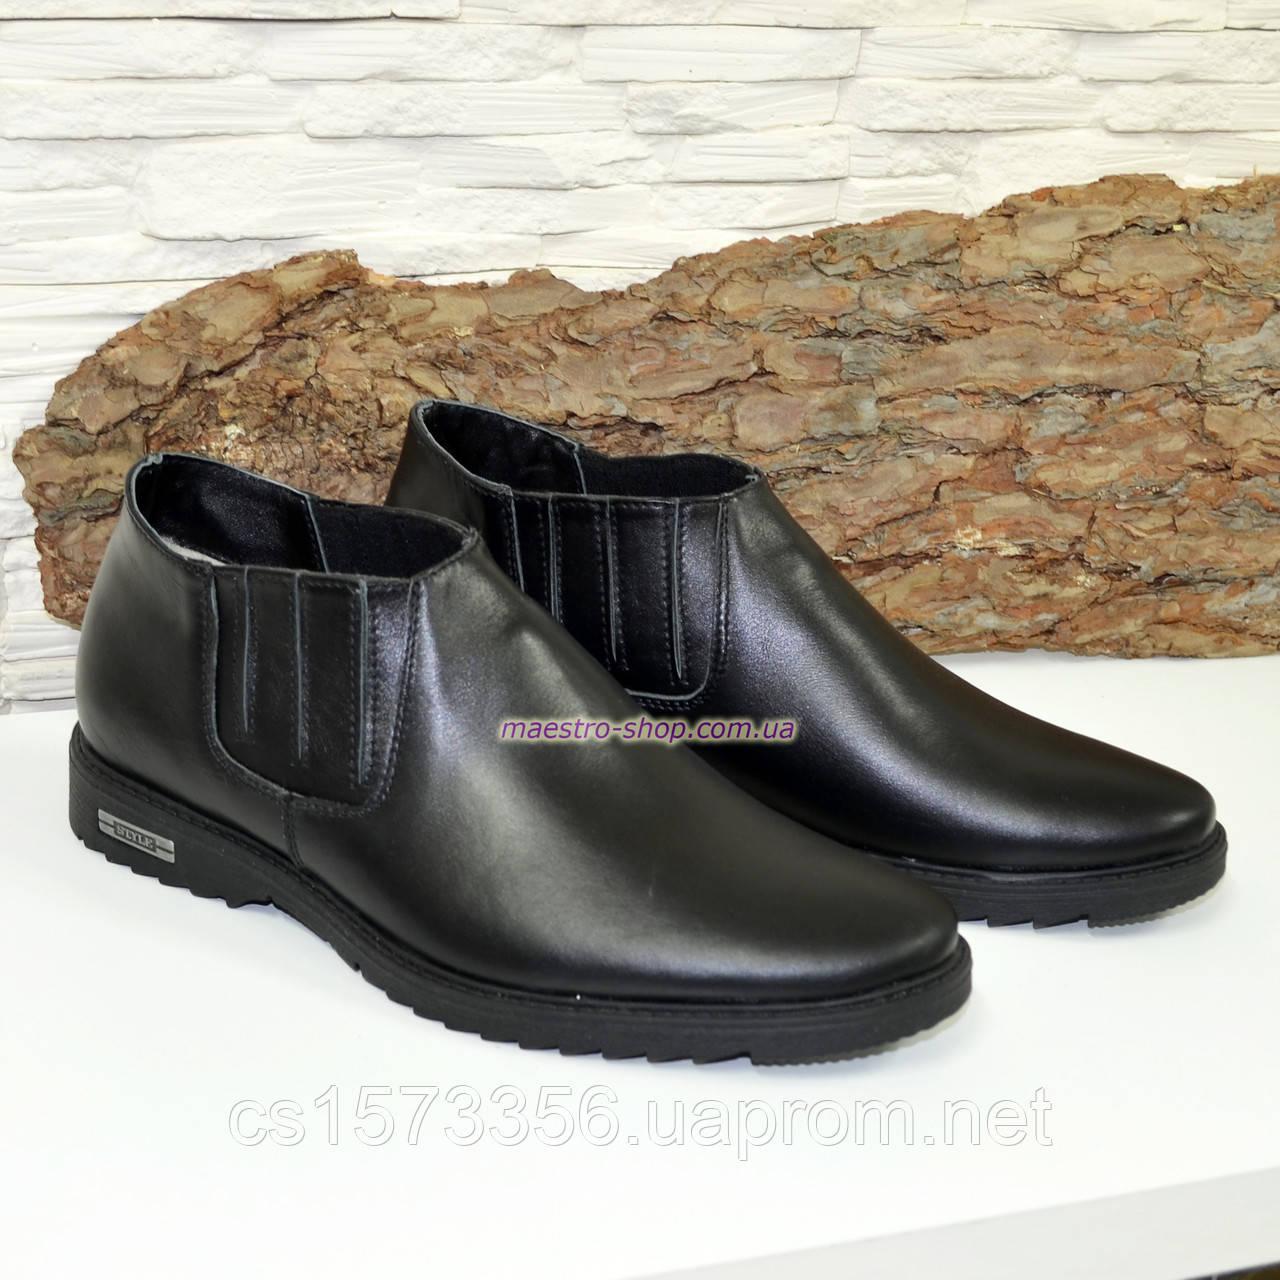 Ботинки кожаные мужские от производителя